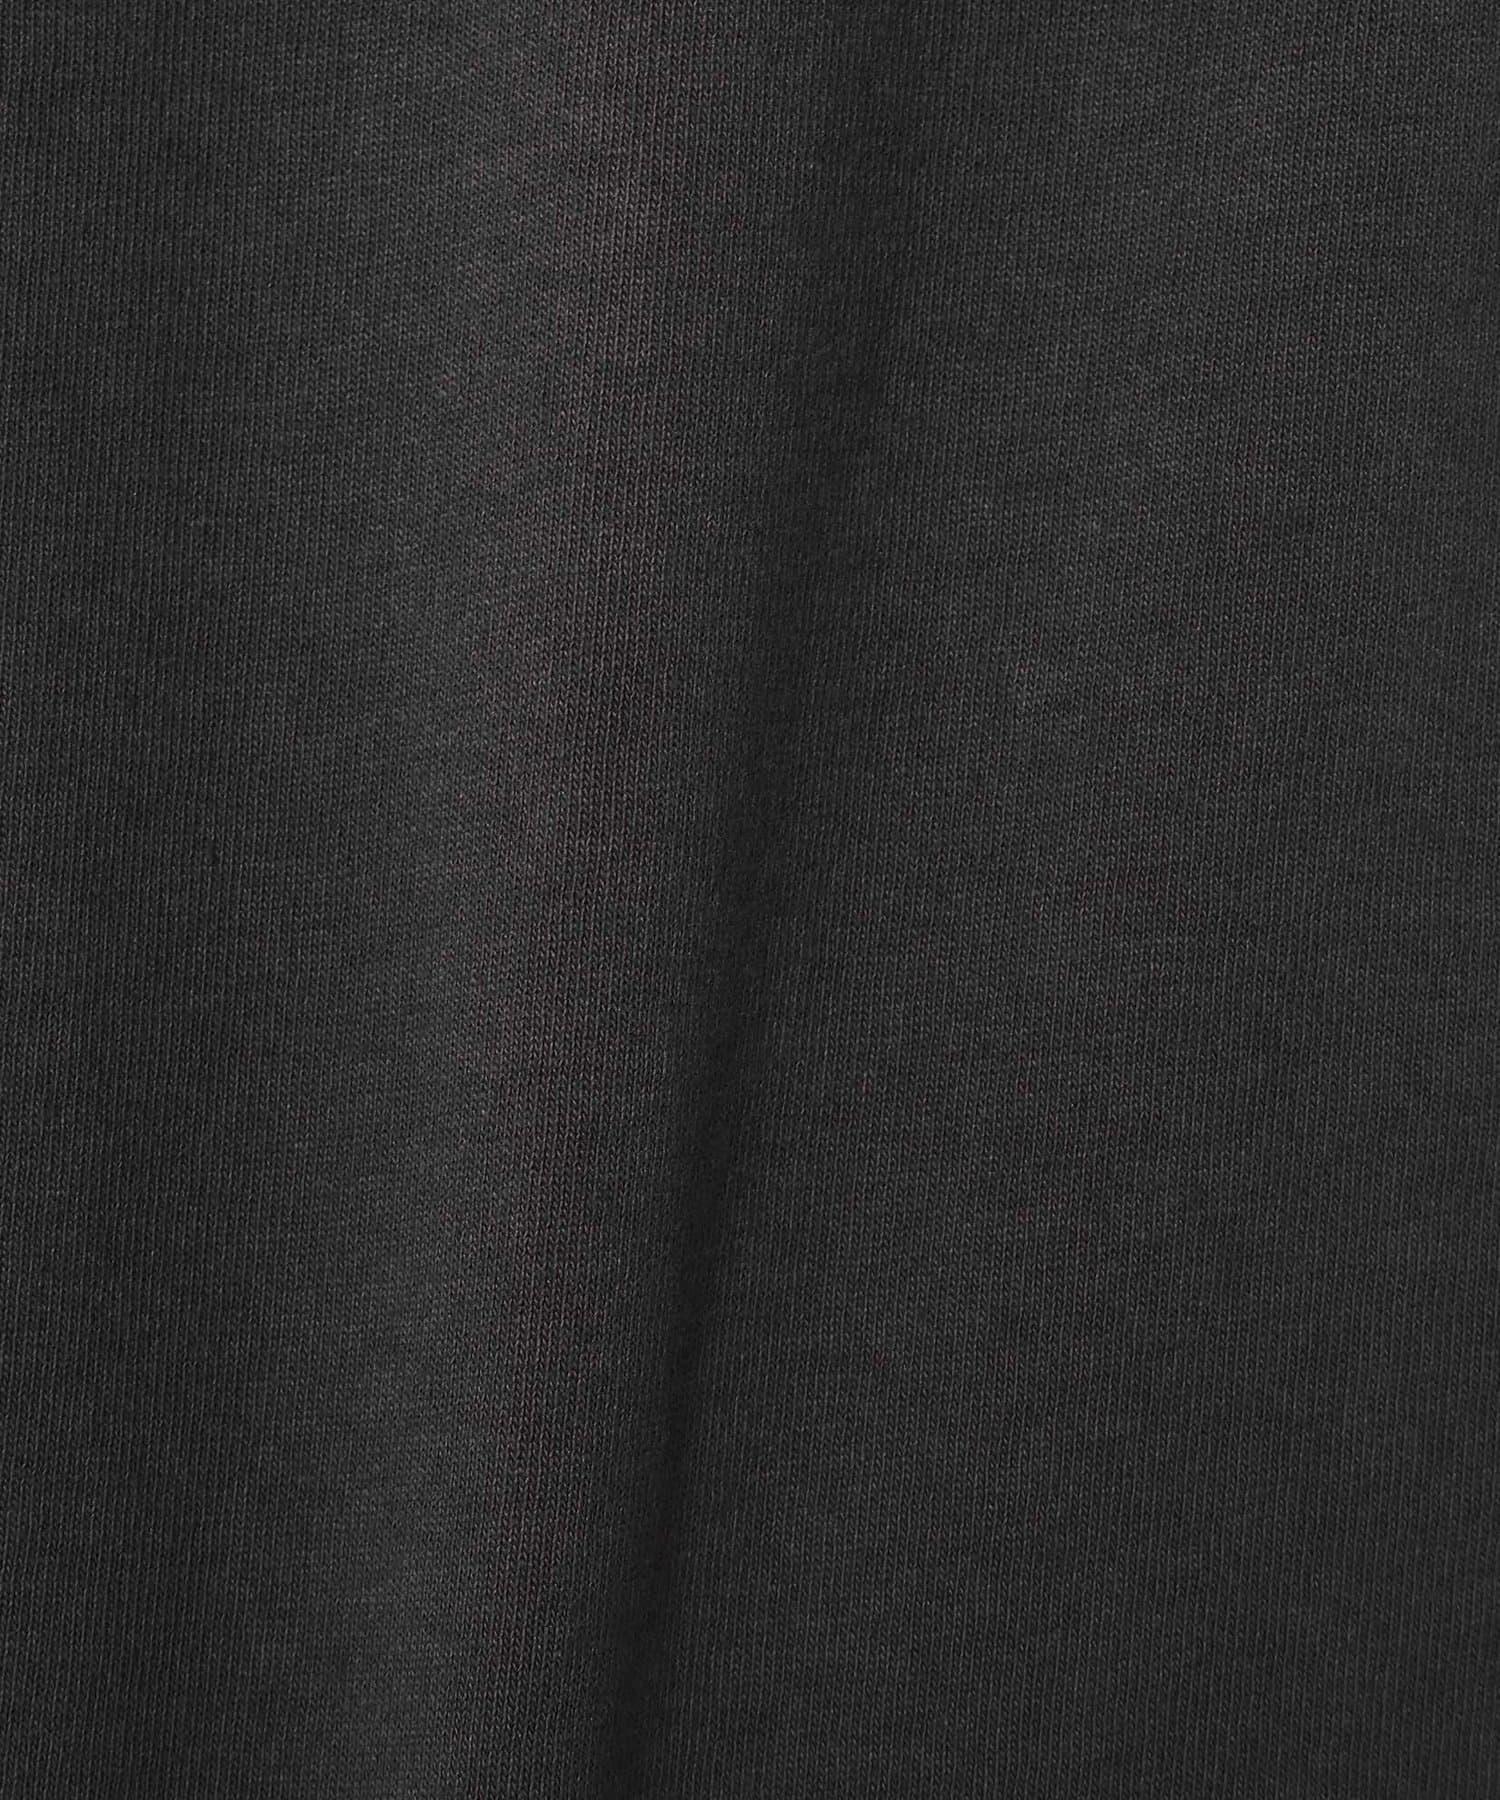 La boutique BonBon(ラブティックボンボン) 【手洗い可】USコットンタンクTシャツ